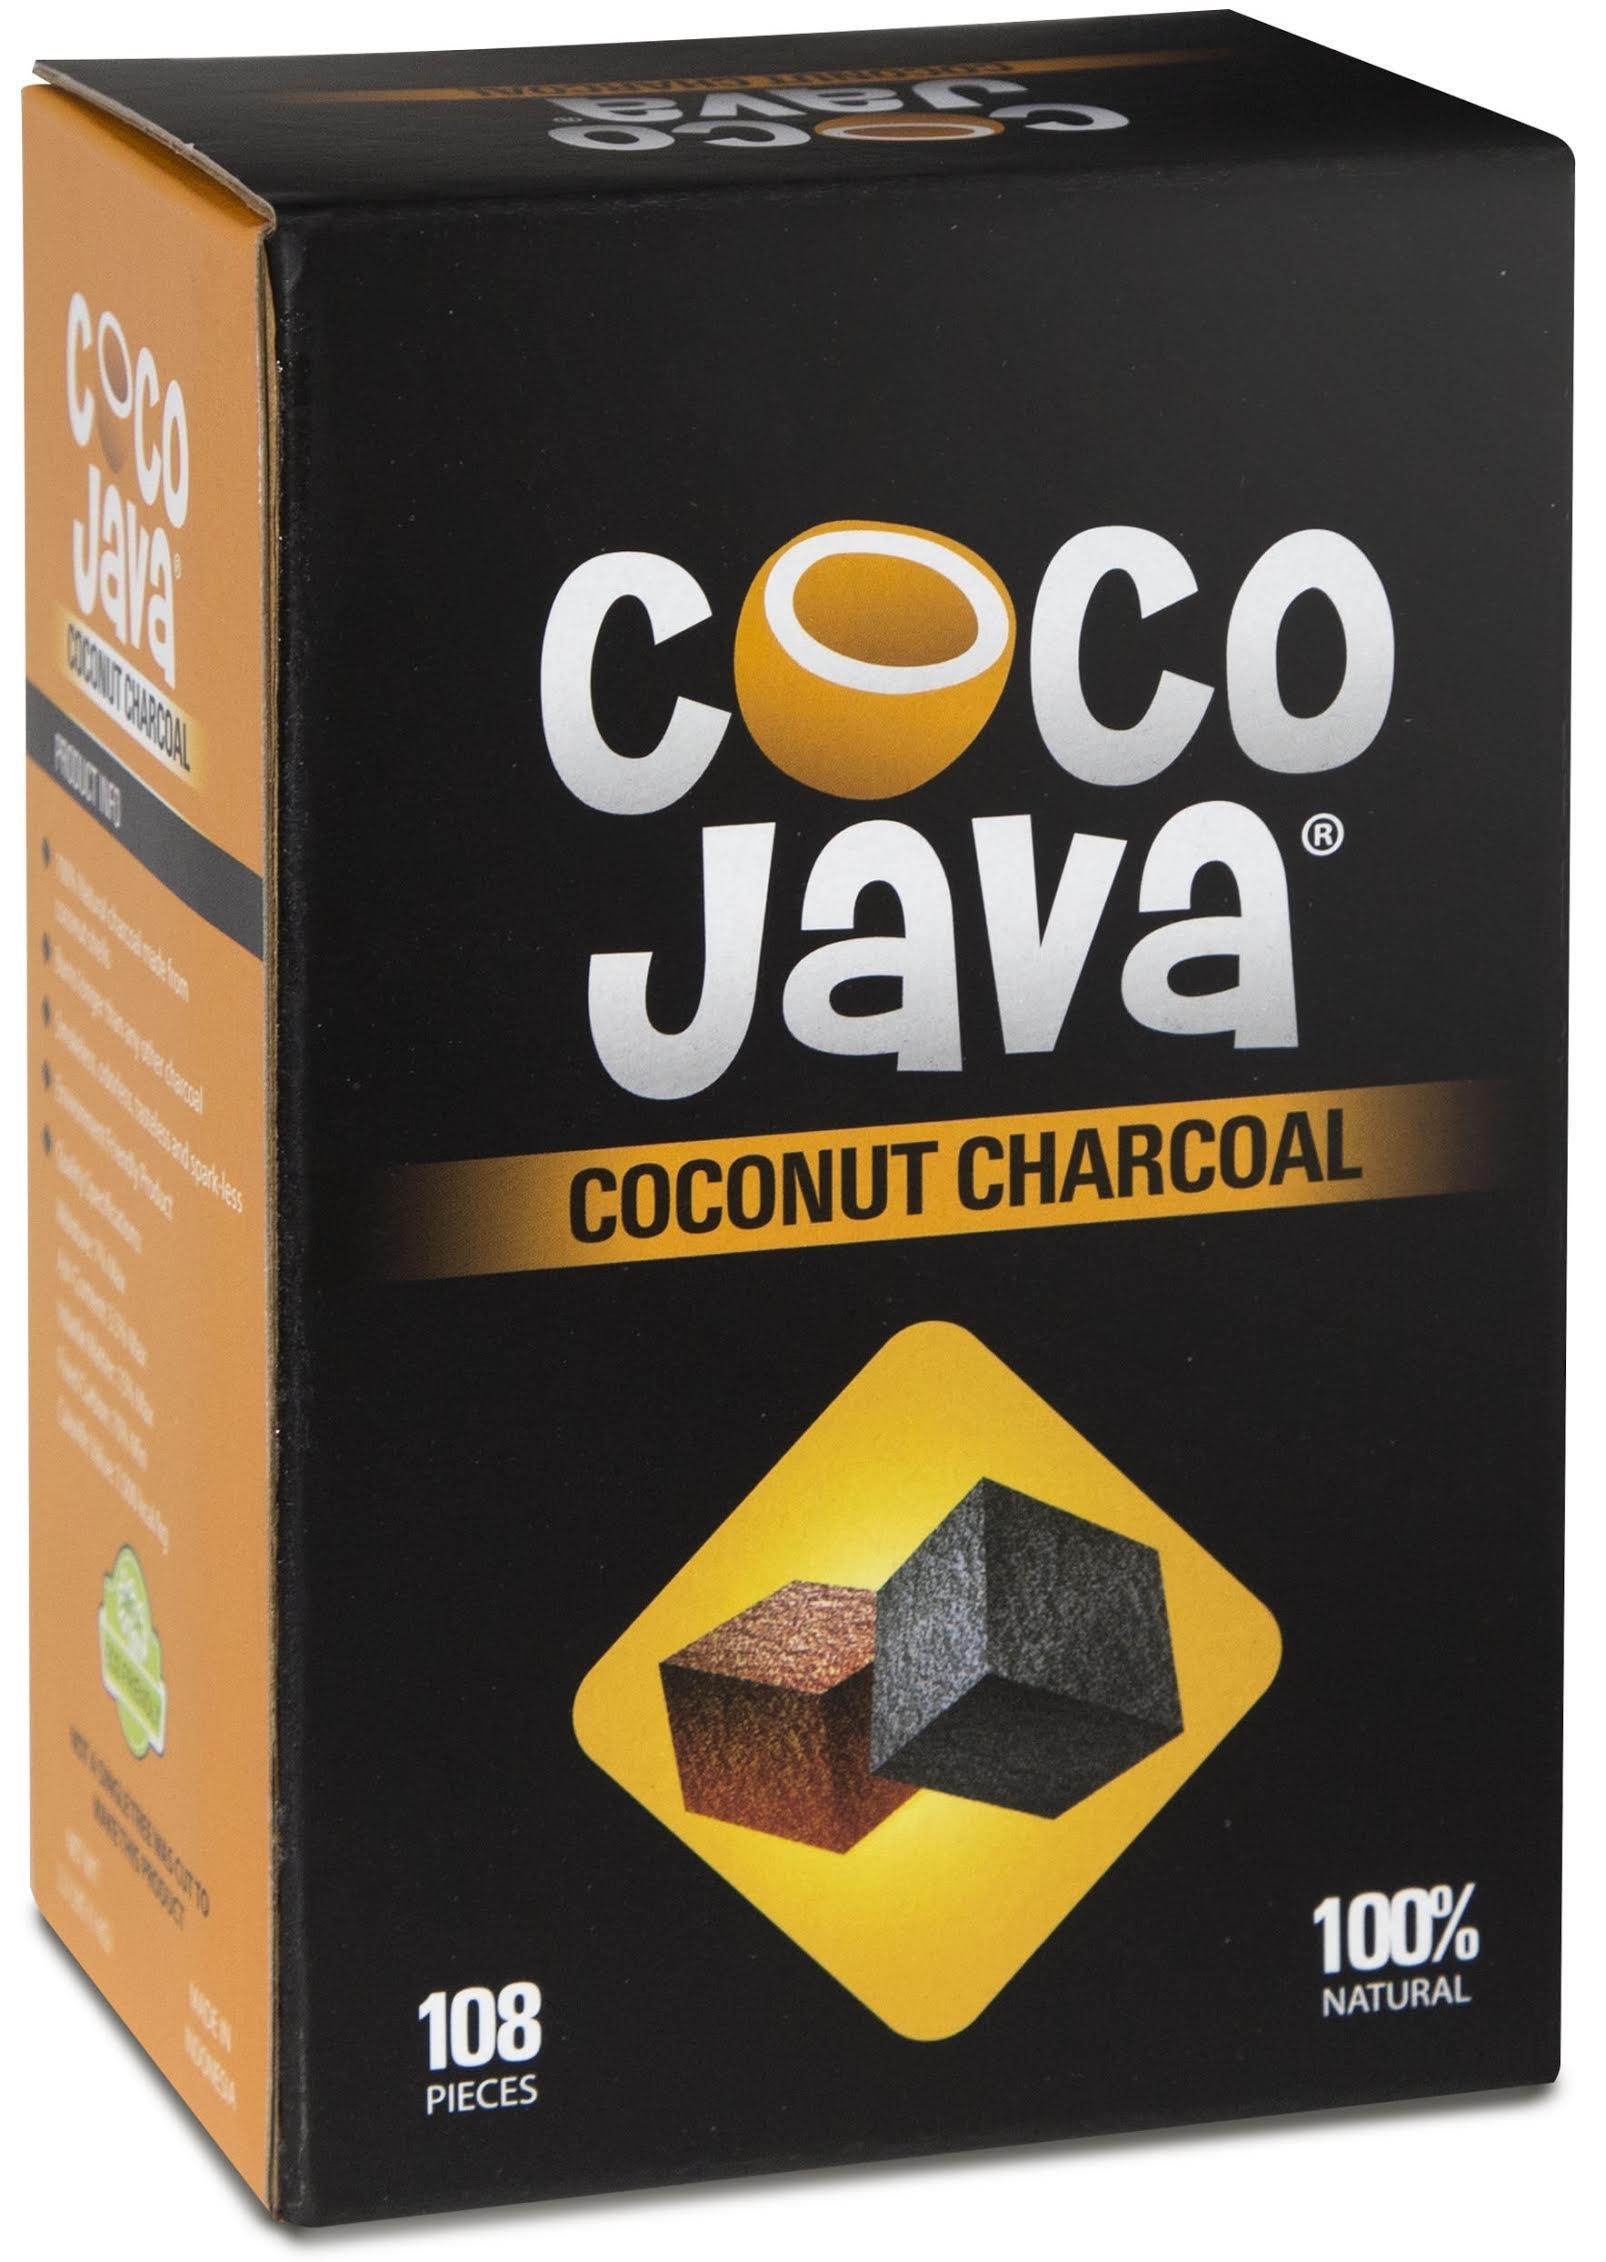 Coco Java Natural Coconut Charcoal Hookah Shisha Coal 1KG/108 Pieces